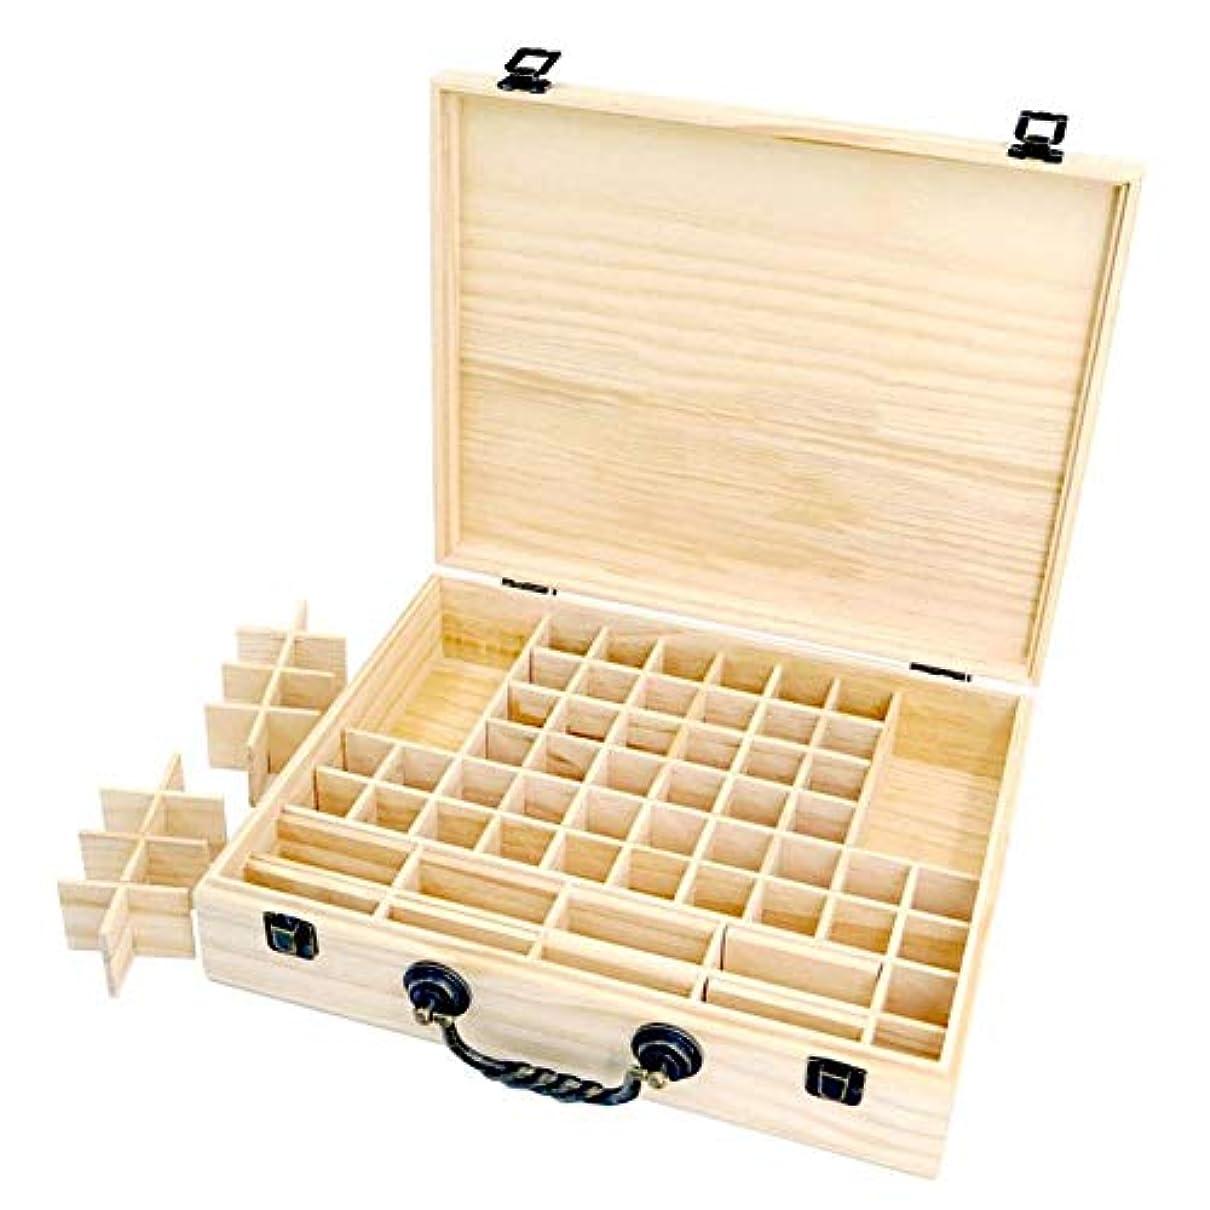 有望浸す豊富なエッセンシャルオイル収納ボックス 収納ケース 保存ボックス パイン製 取り外し可能なメッシュ 70グリッド 持ち運び便利 junexi